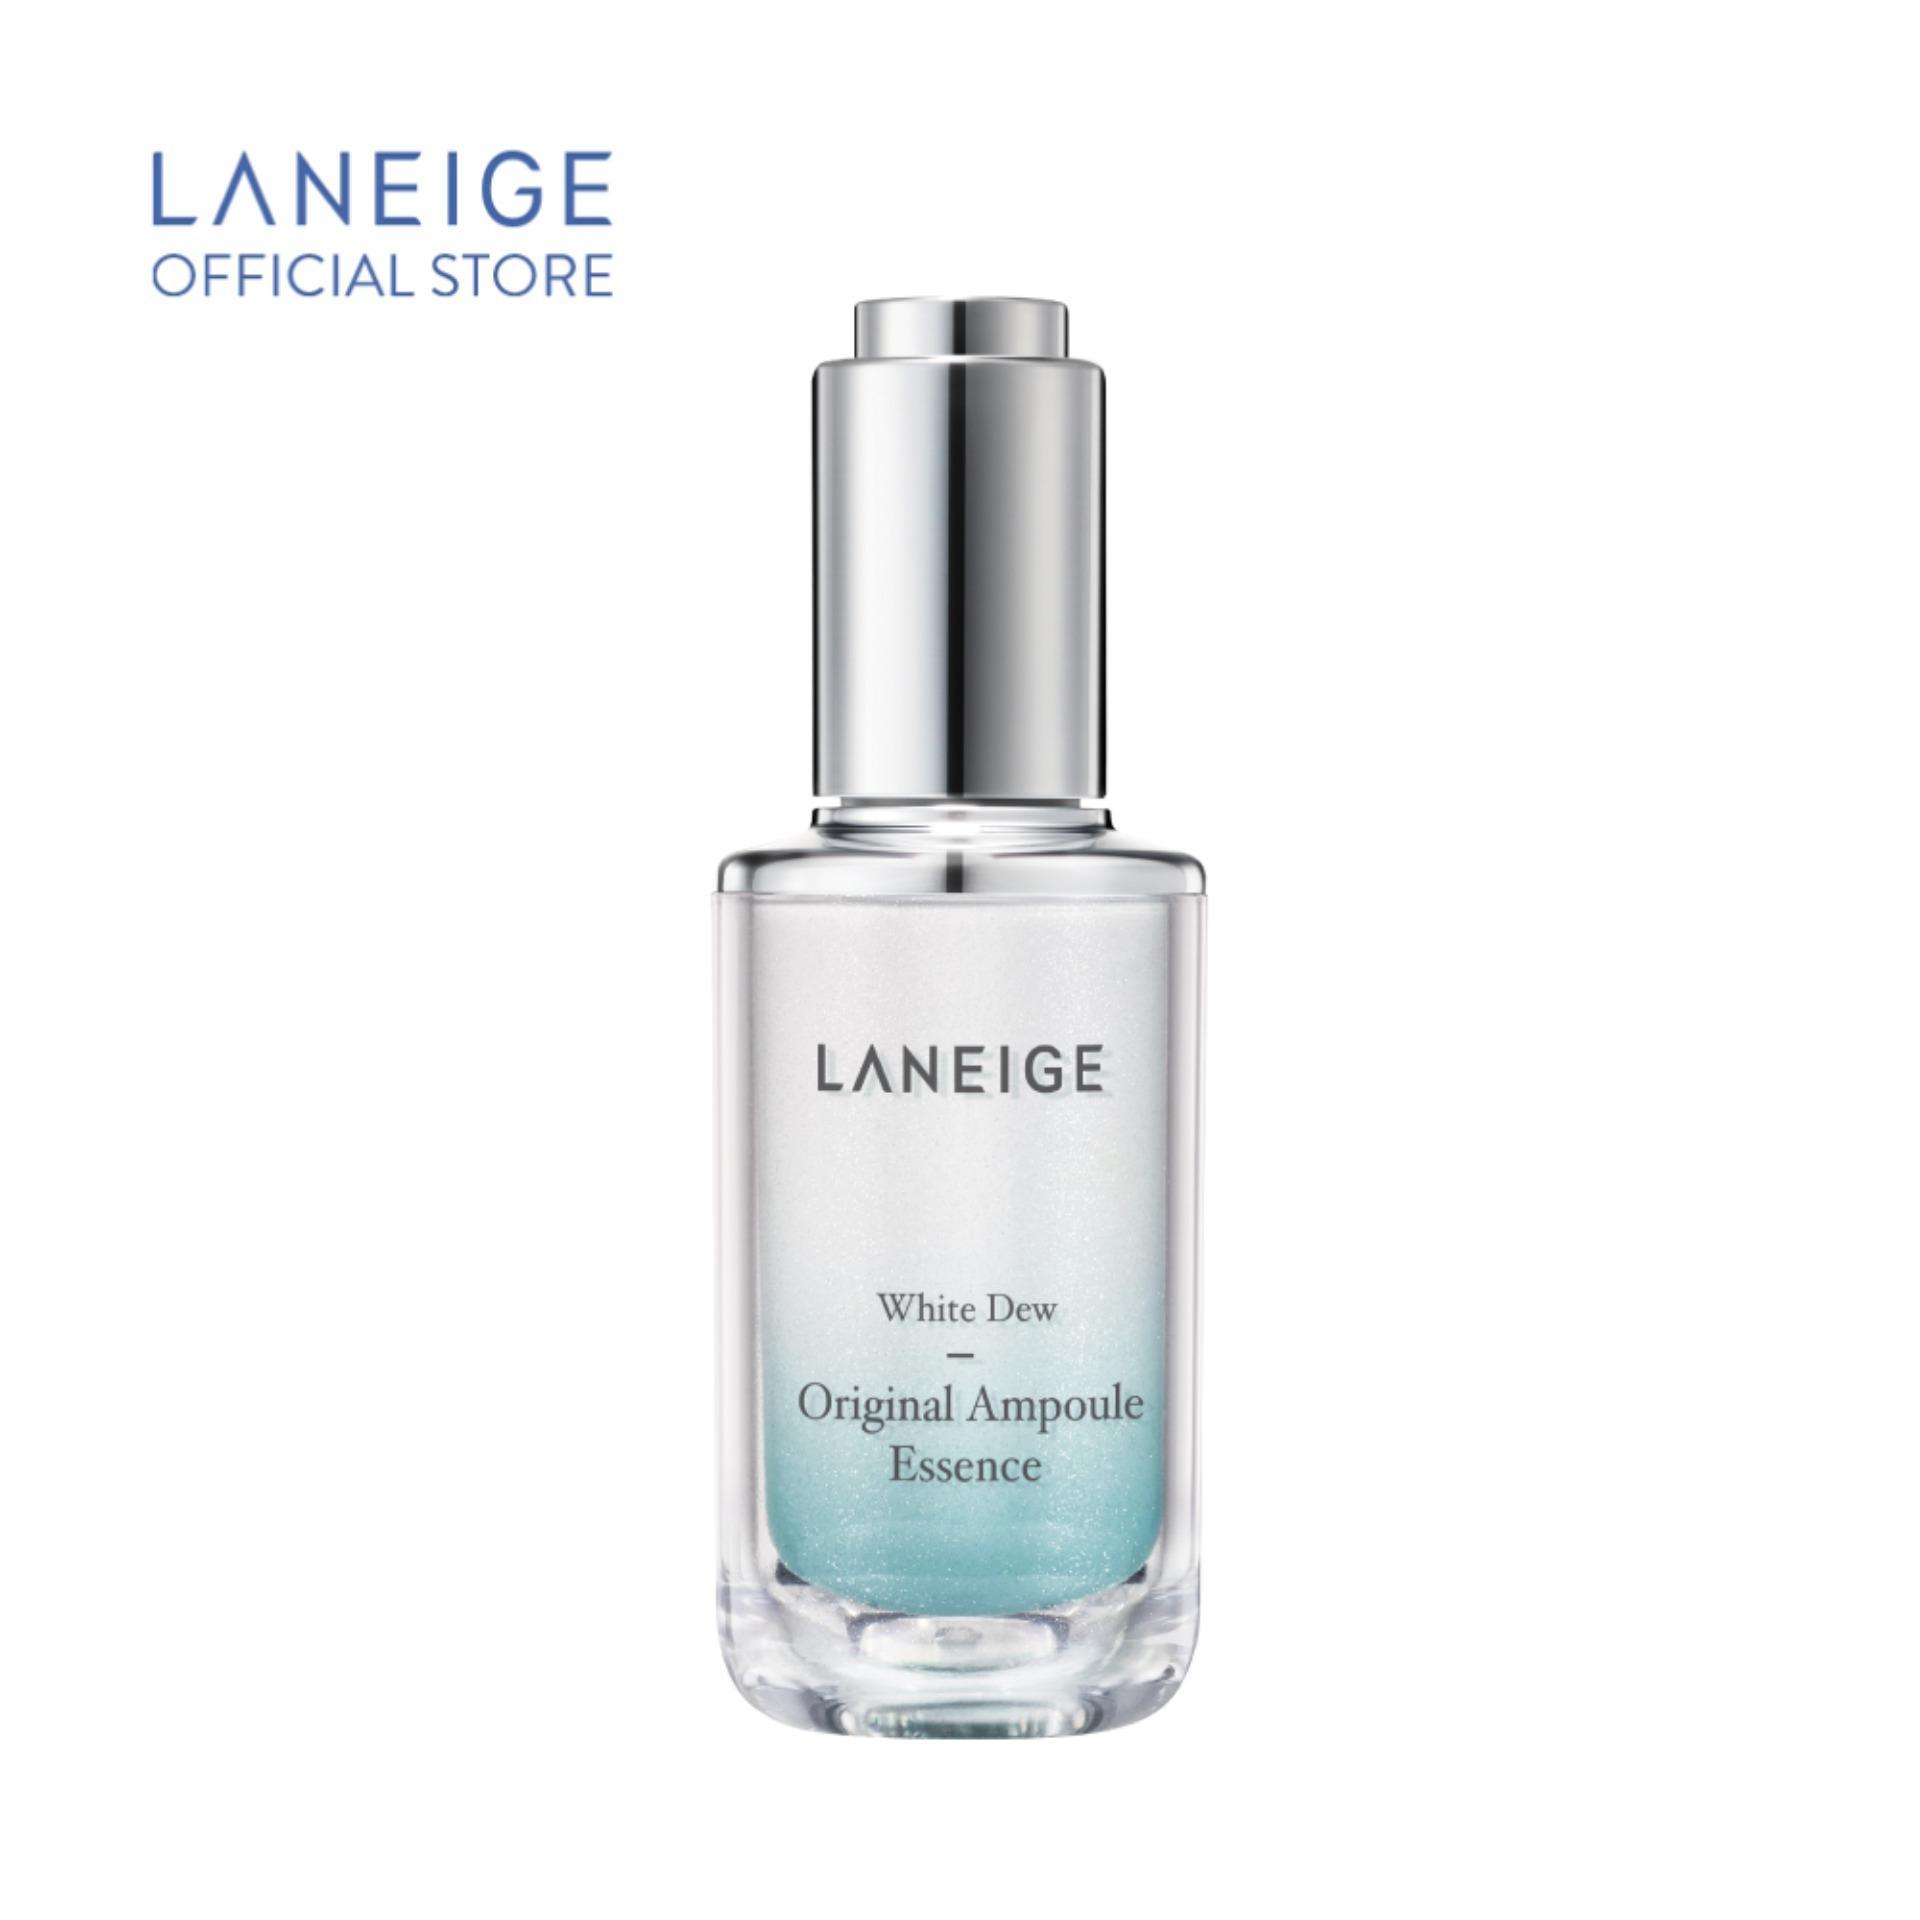 Tinh chất dưỡng trắng ngừa thâm nám Laneige White Dew Original Ampoule Essence 40ml